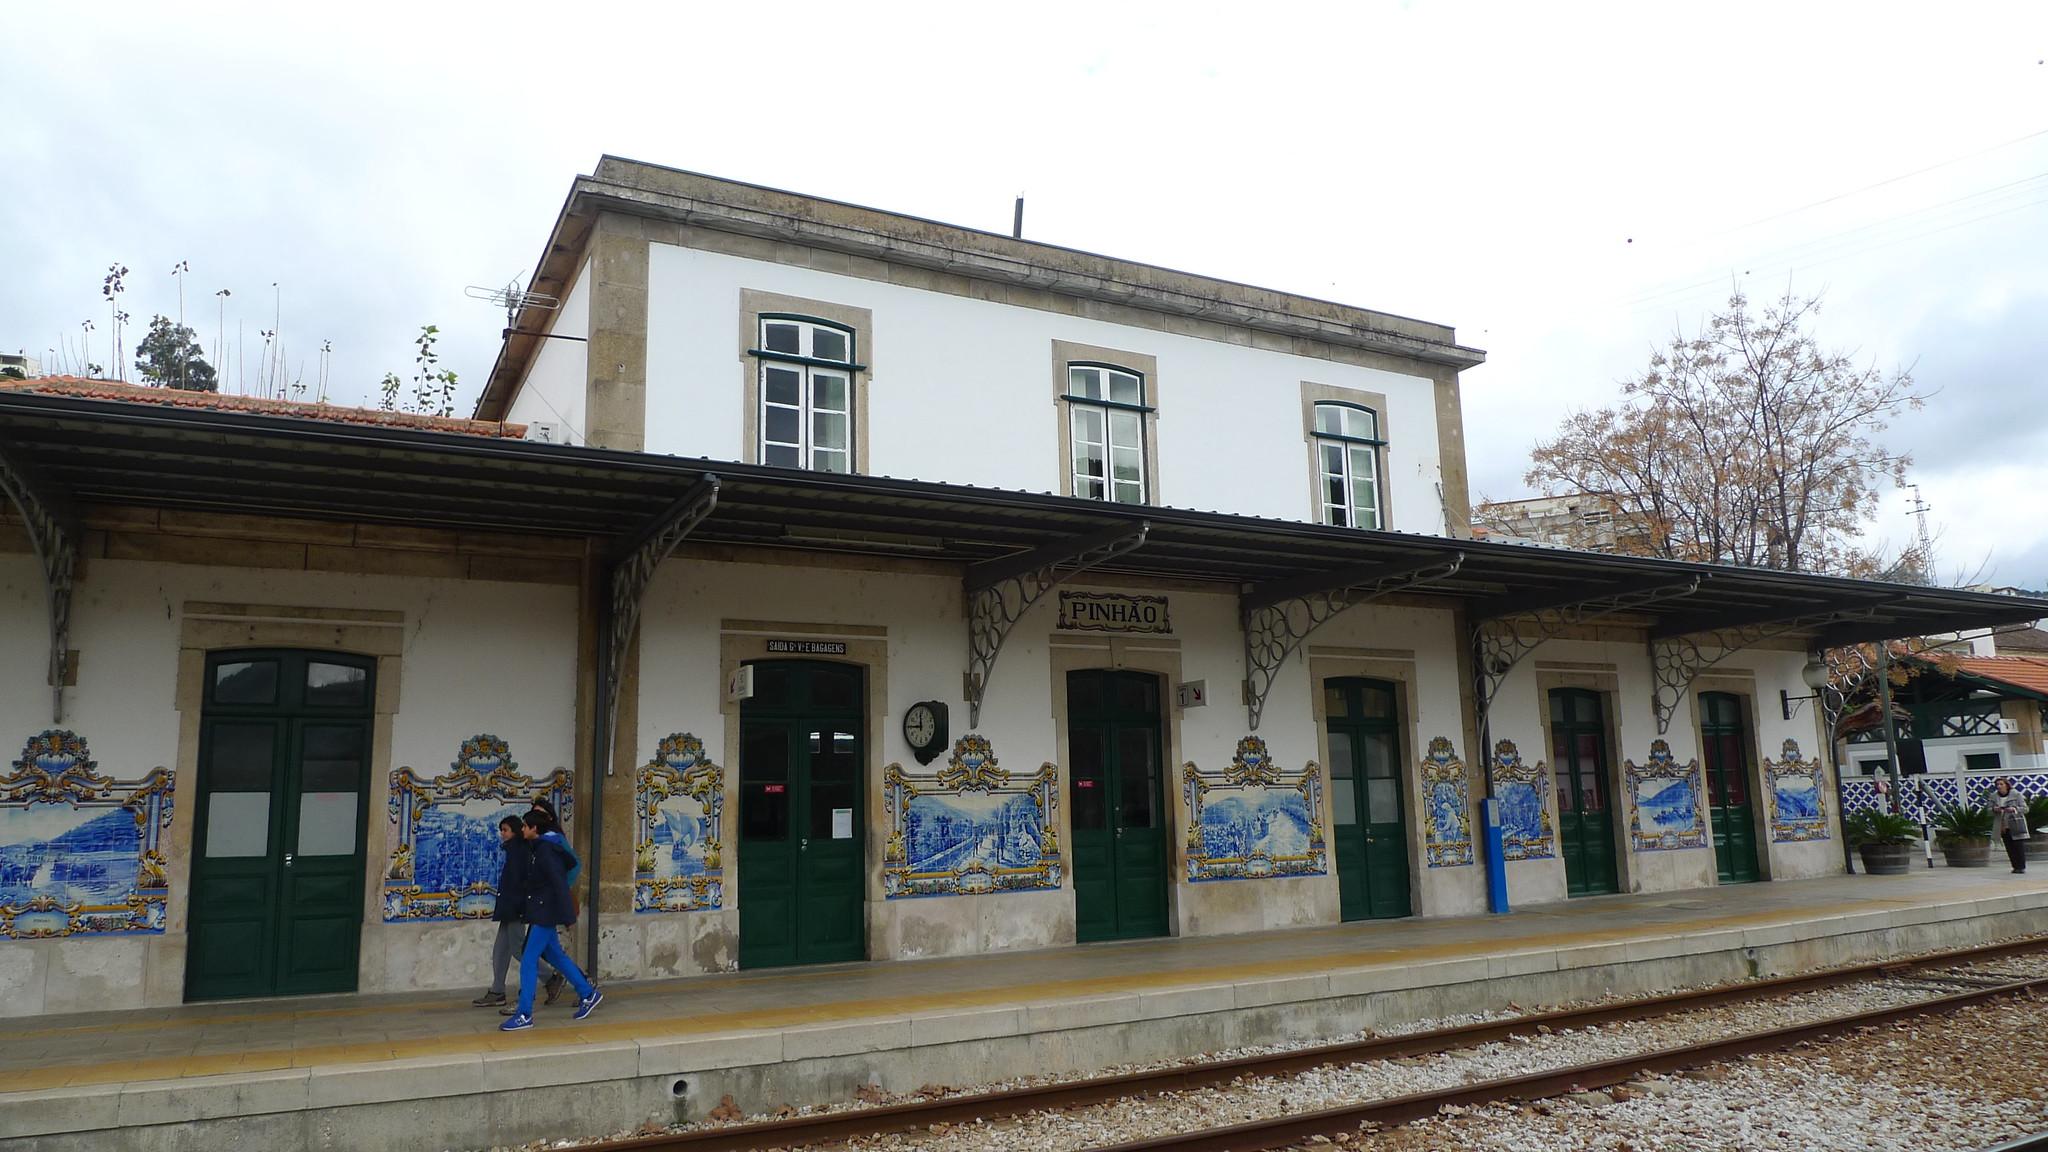 IP abre concurso público para reabilitação da linha do Douro entre Pinhão e Tua